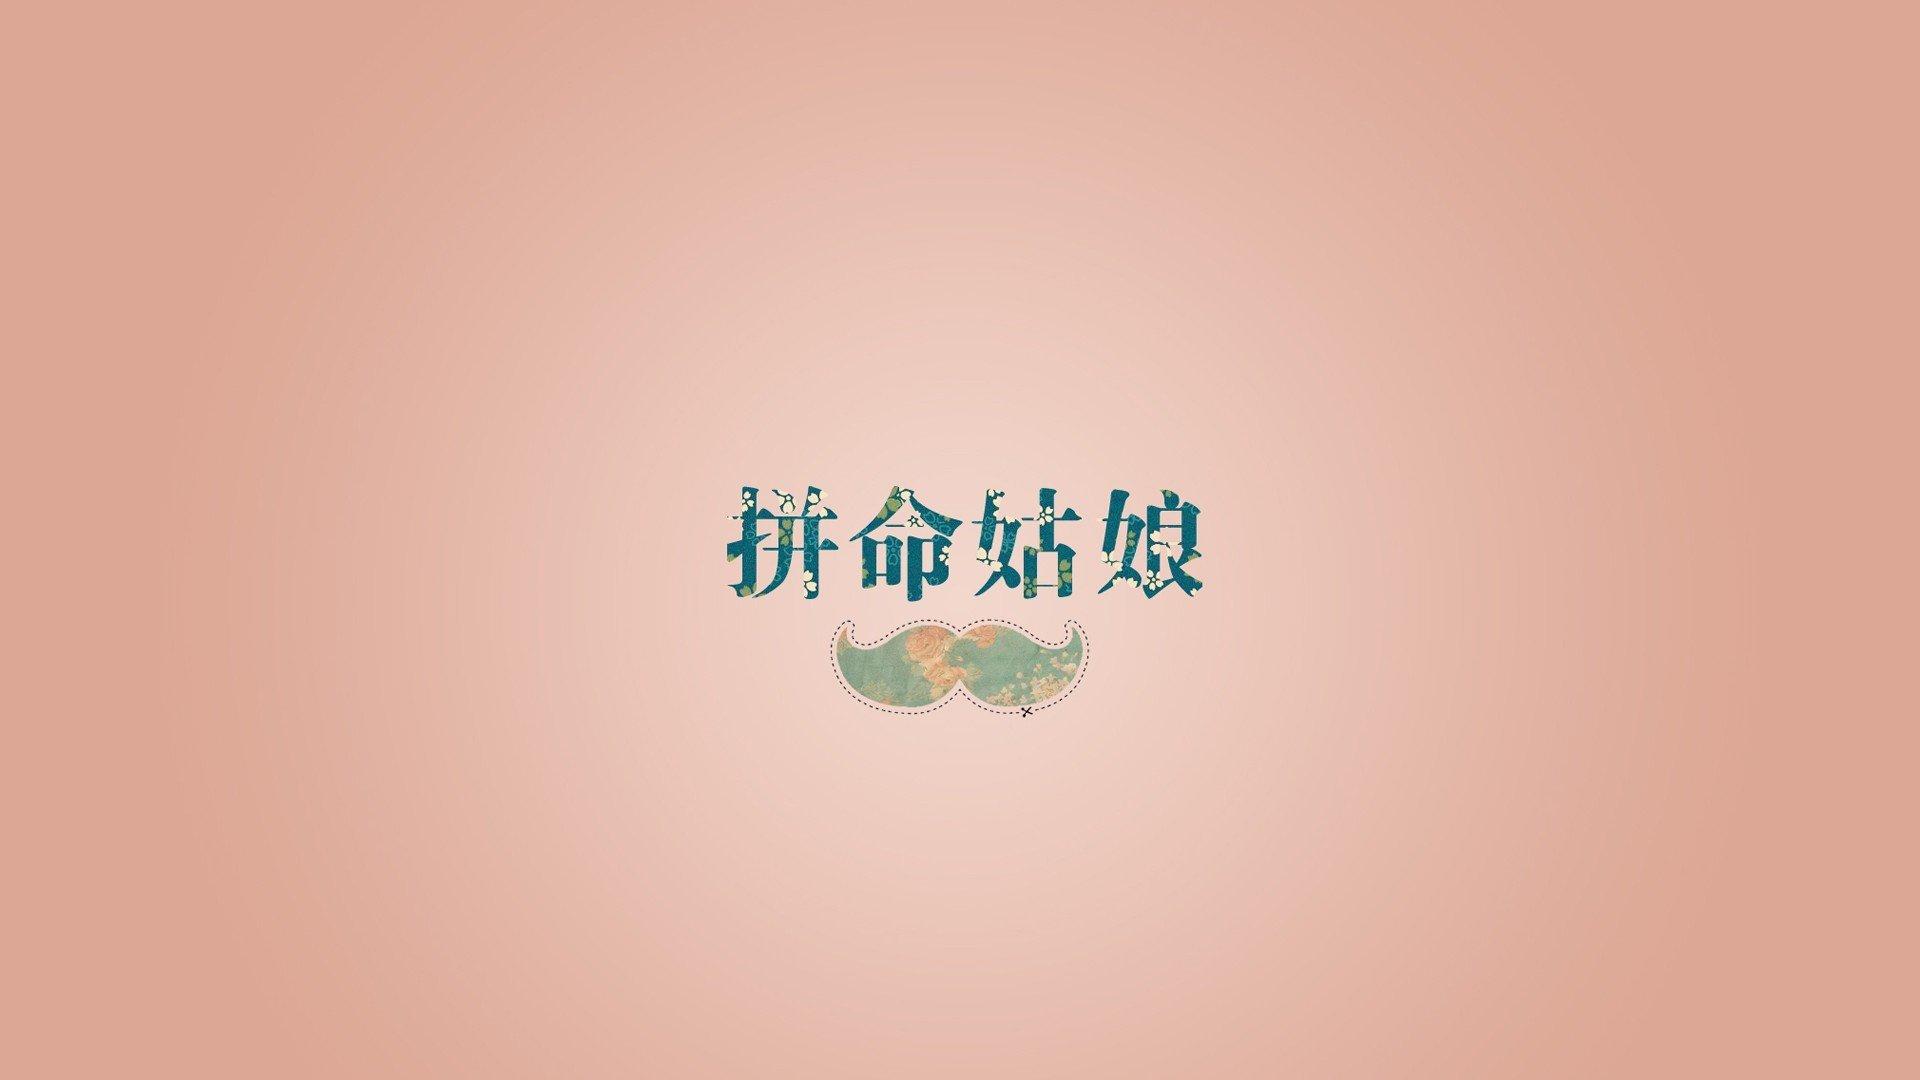 农历4月初七:2000年农历4月初七出生,姓周,女孩,改什么名字好?